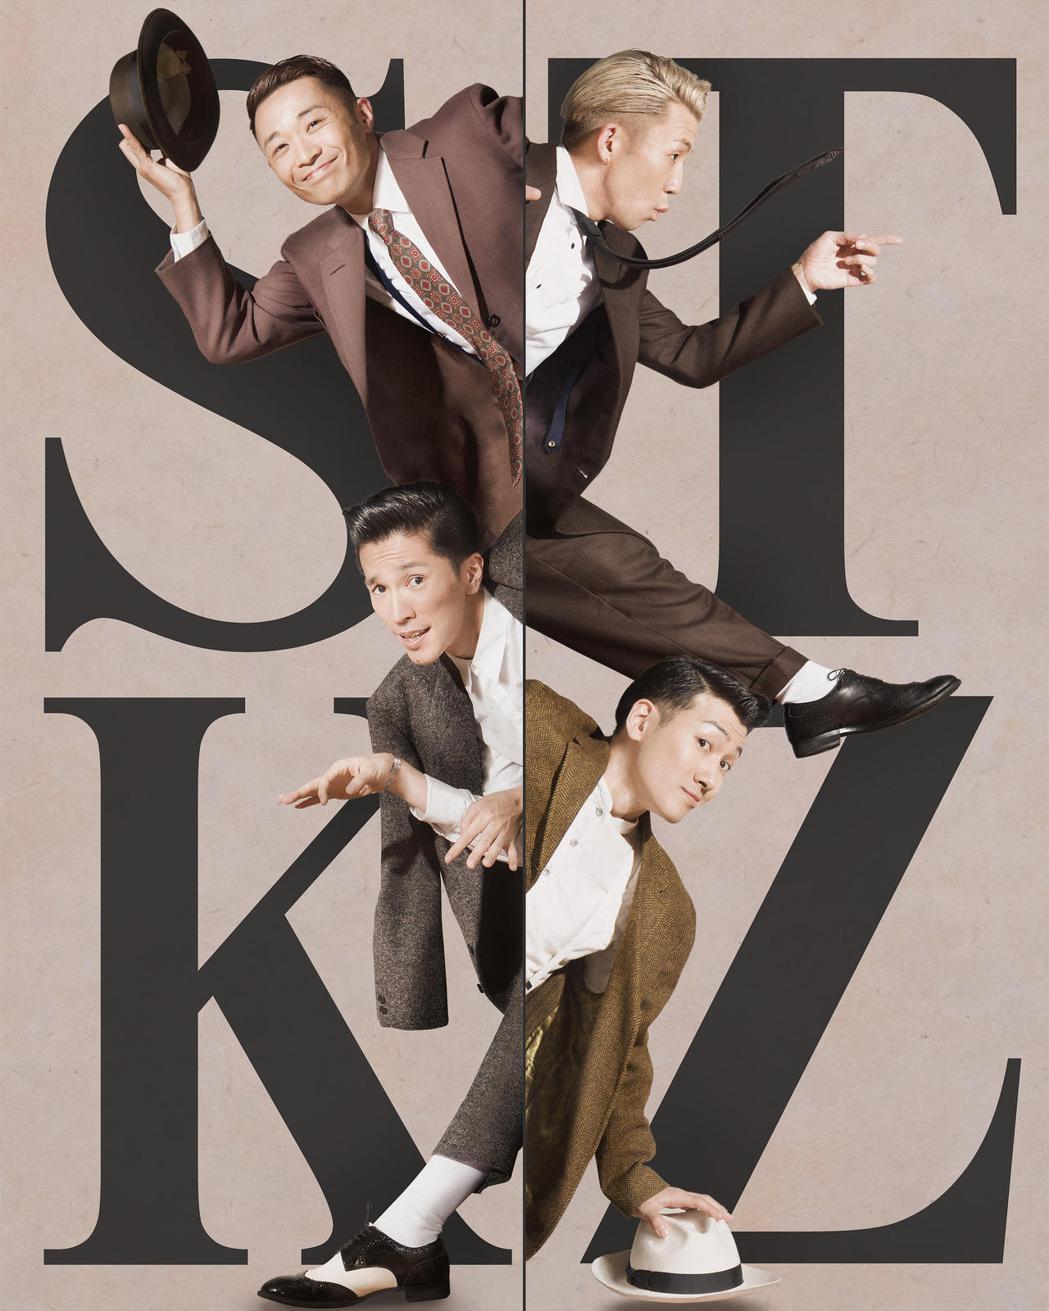 「s**t kingz」是日韓大咖御用舞者。圖/雅慕斯娛樂提供